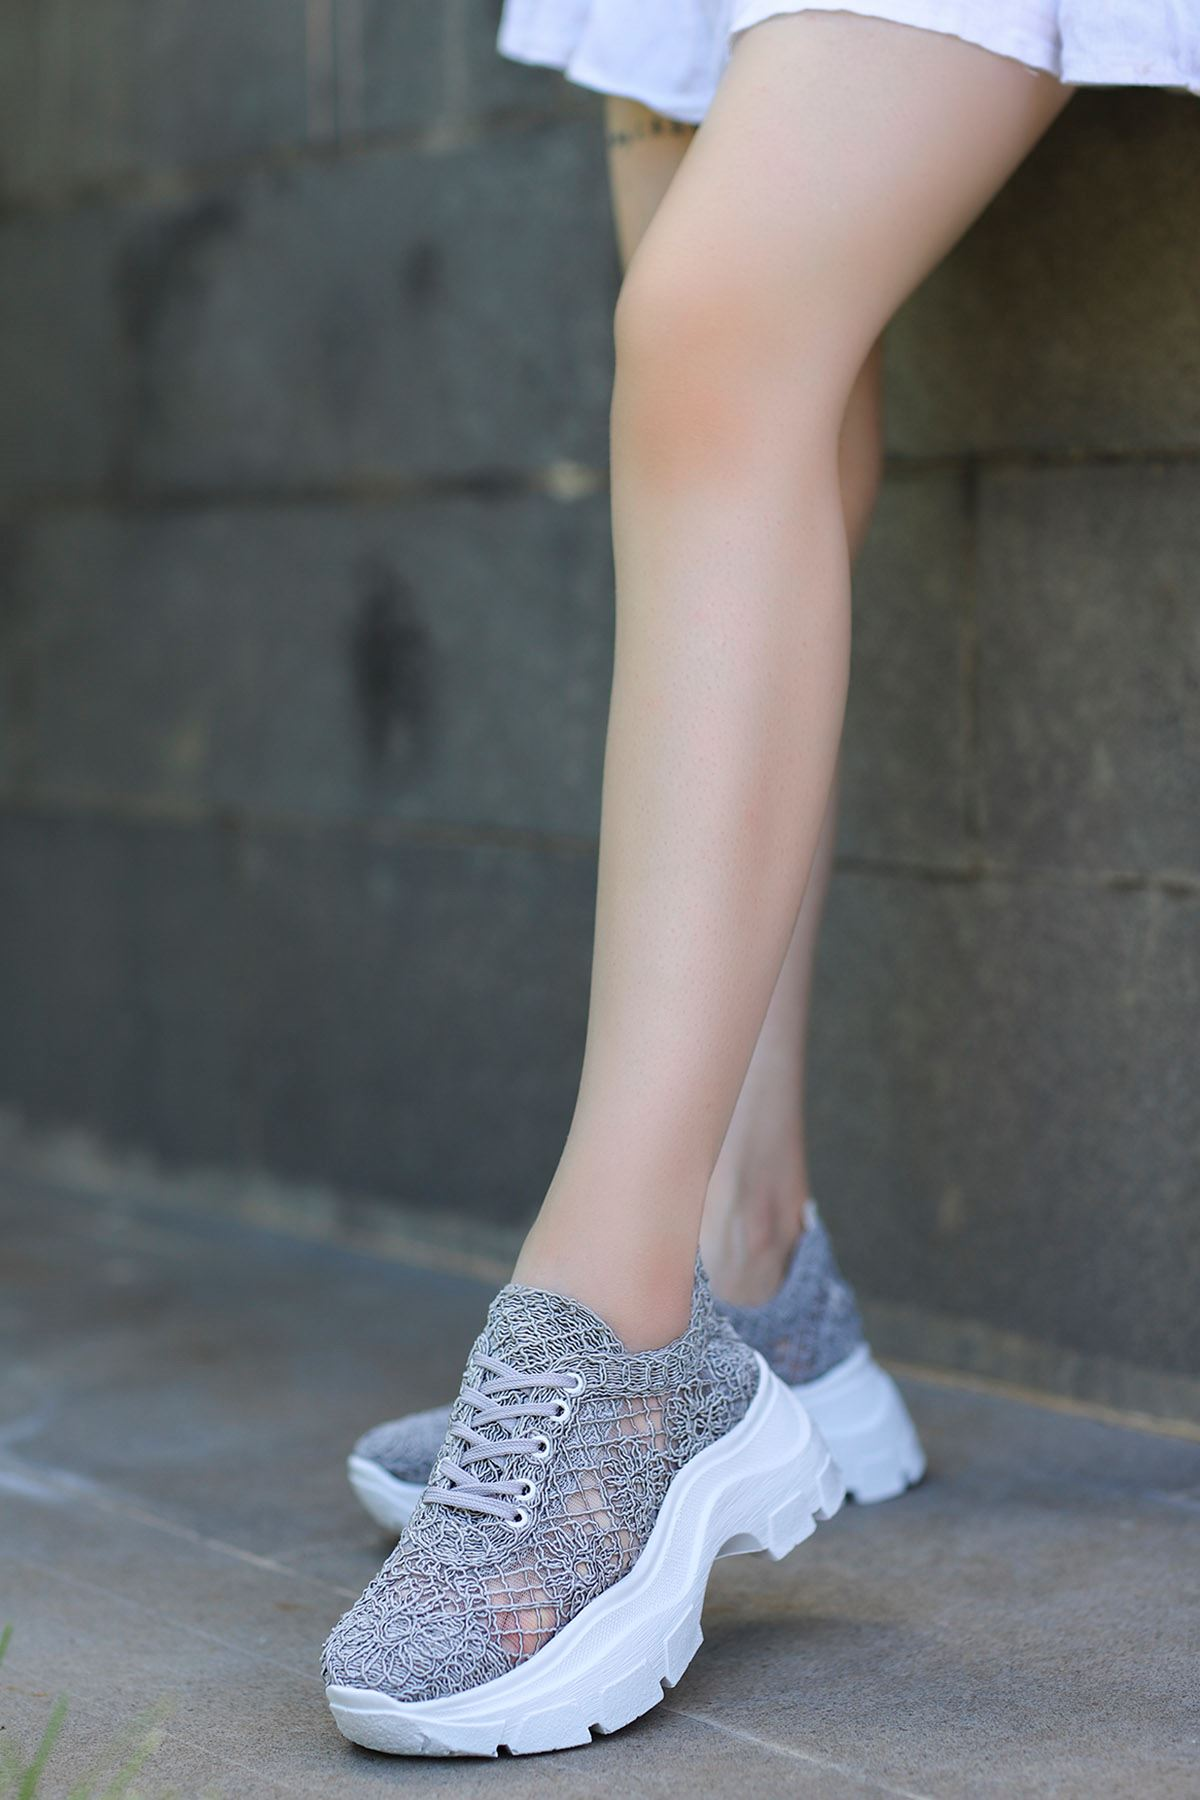 Rayne Dantel Örgü Spor Ayakkabı Gri